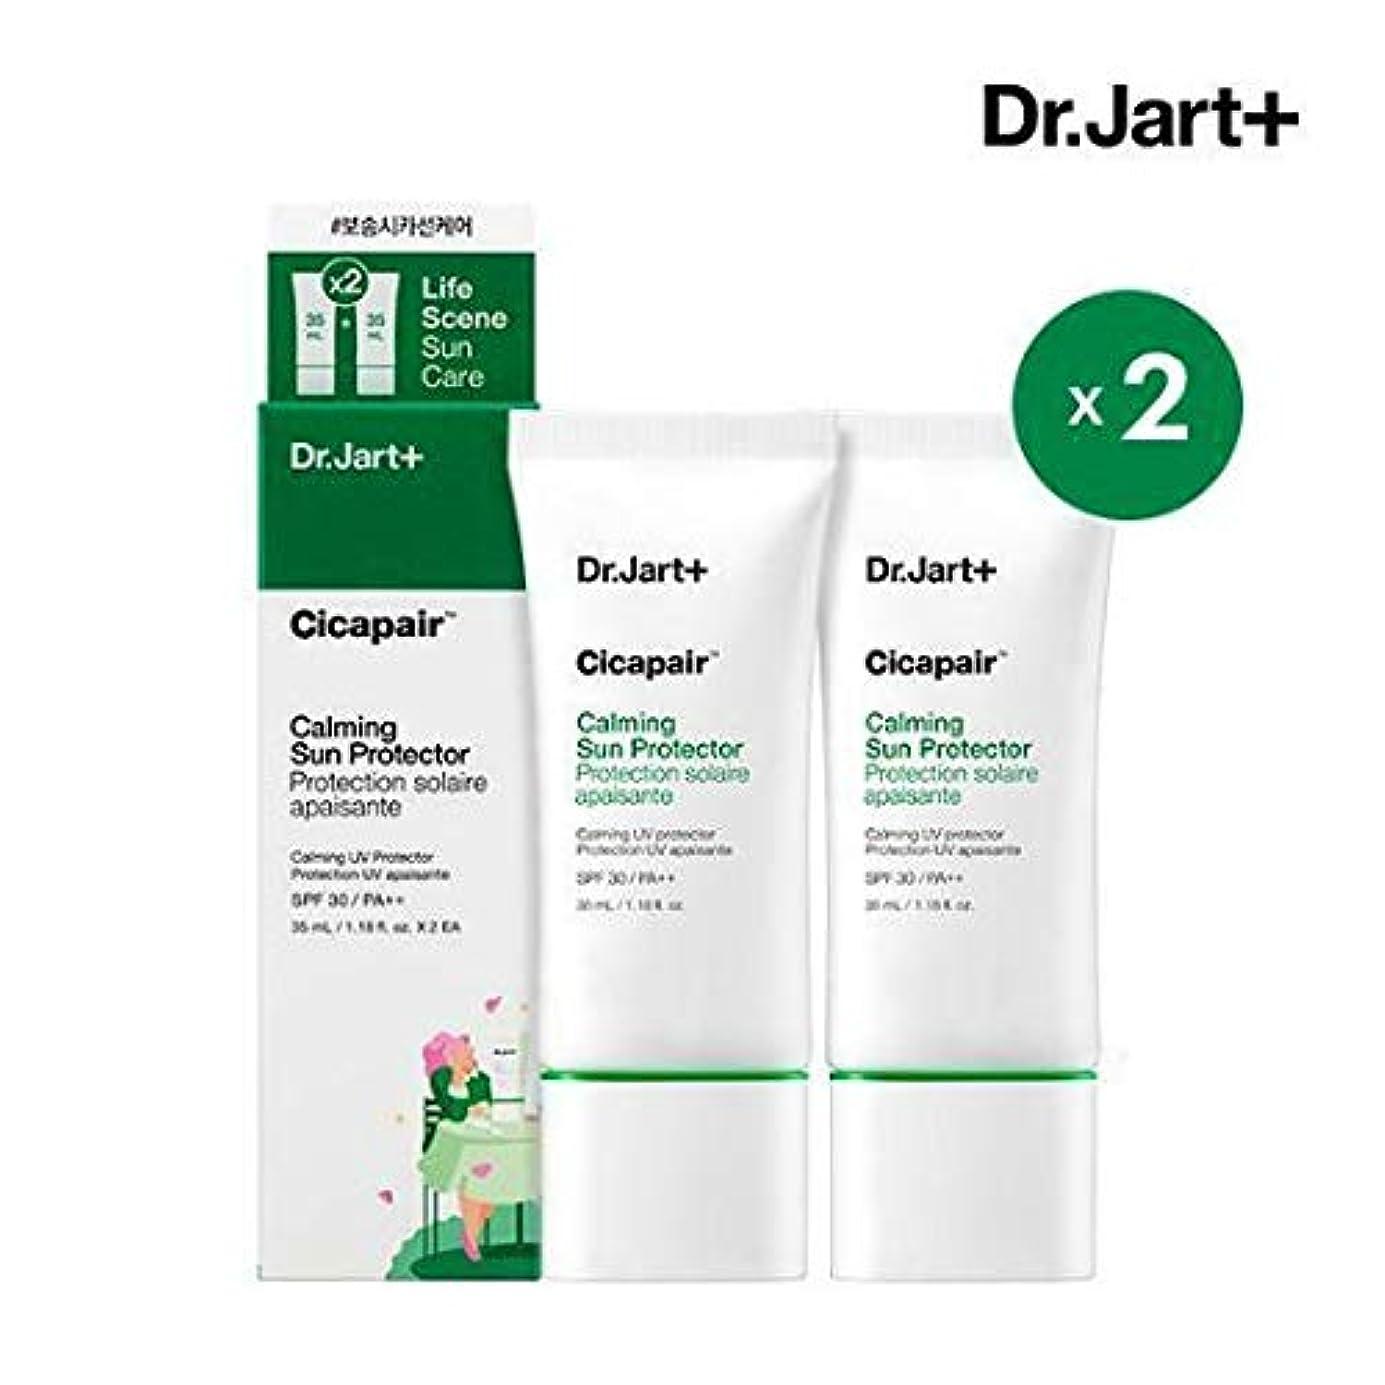 環境スペア省略[1+1] Dr.Jart+ ドクタージャルト シカペアー カーミング サンプロテクター 35ml SPF30 / PA+++ Dr Jart DrJart